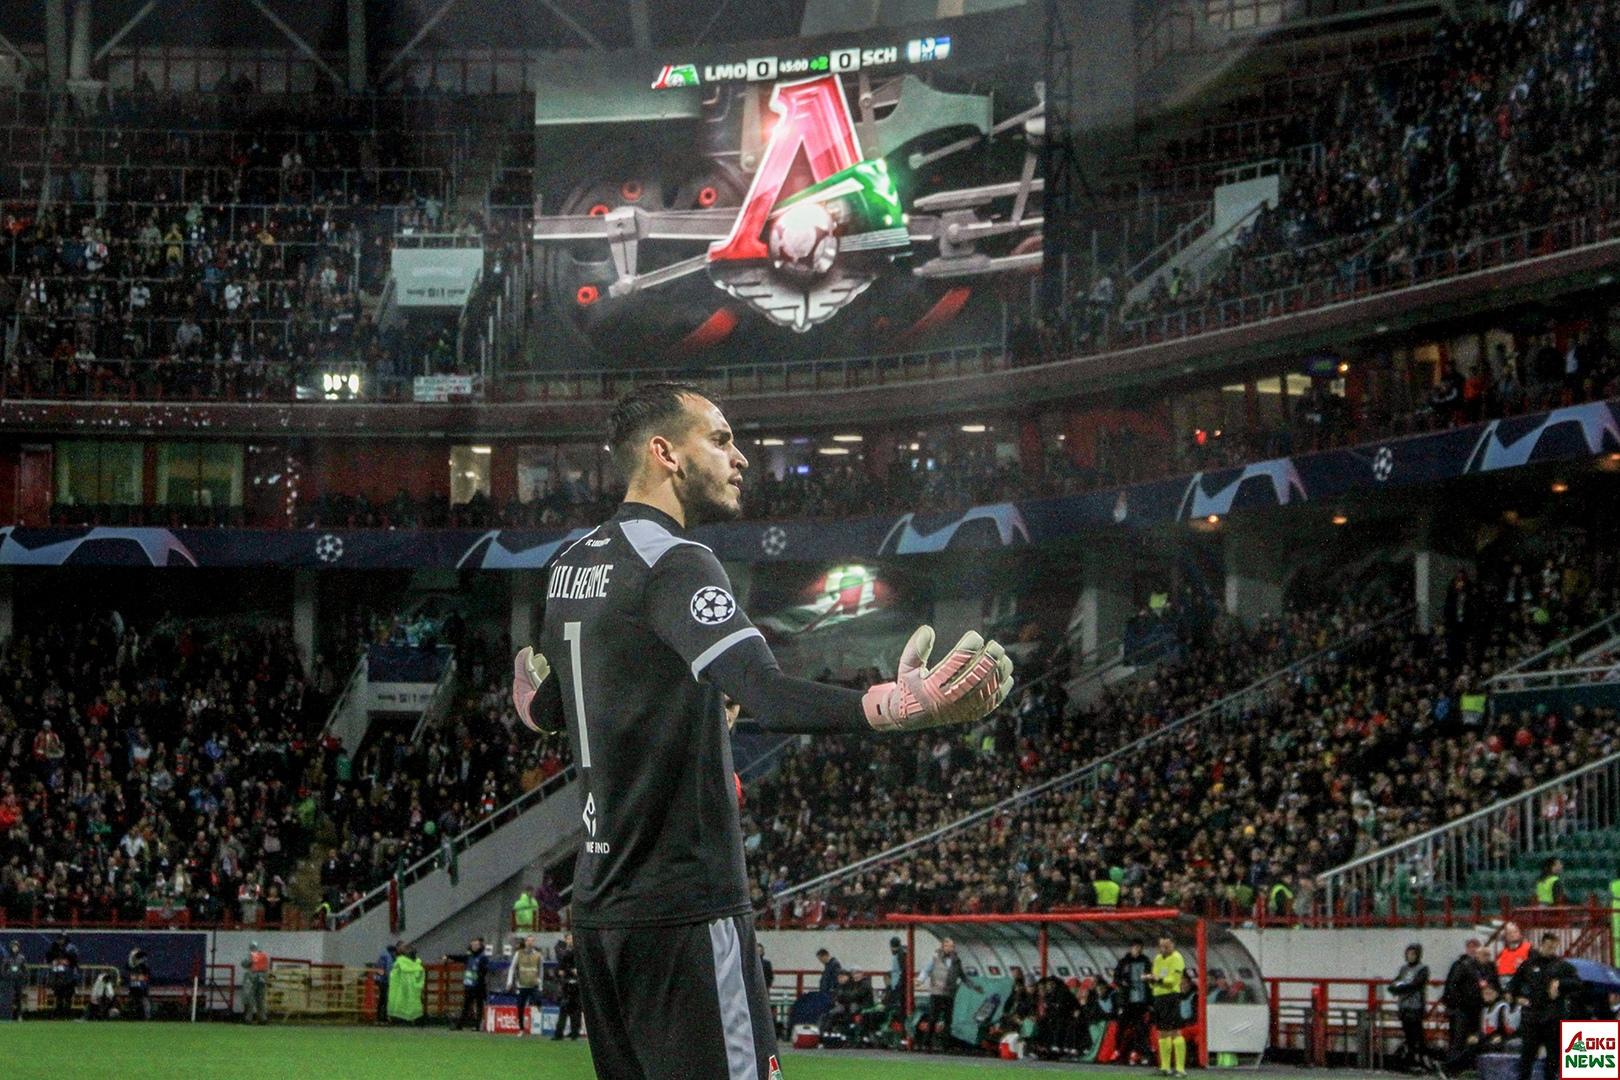 Маринато Гилерме. Фото: Дмитрий Бурдонов / Loko.News